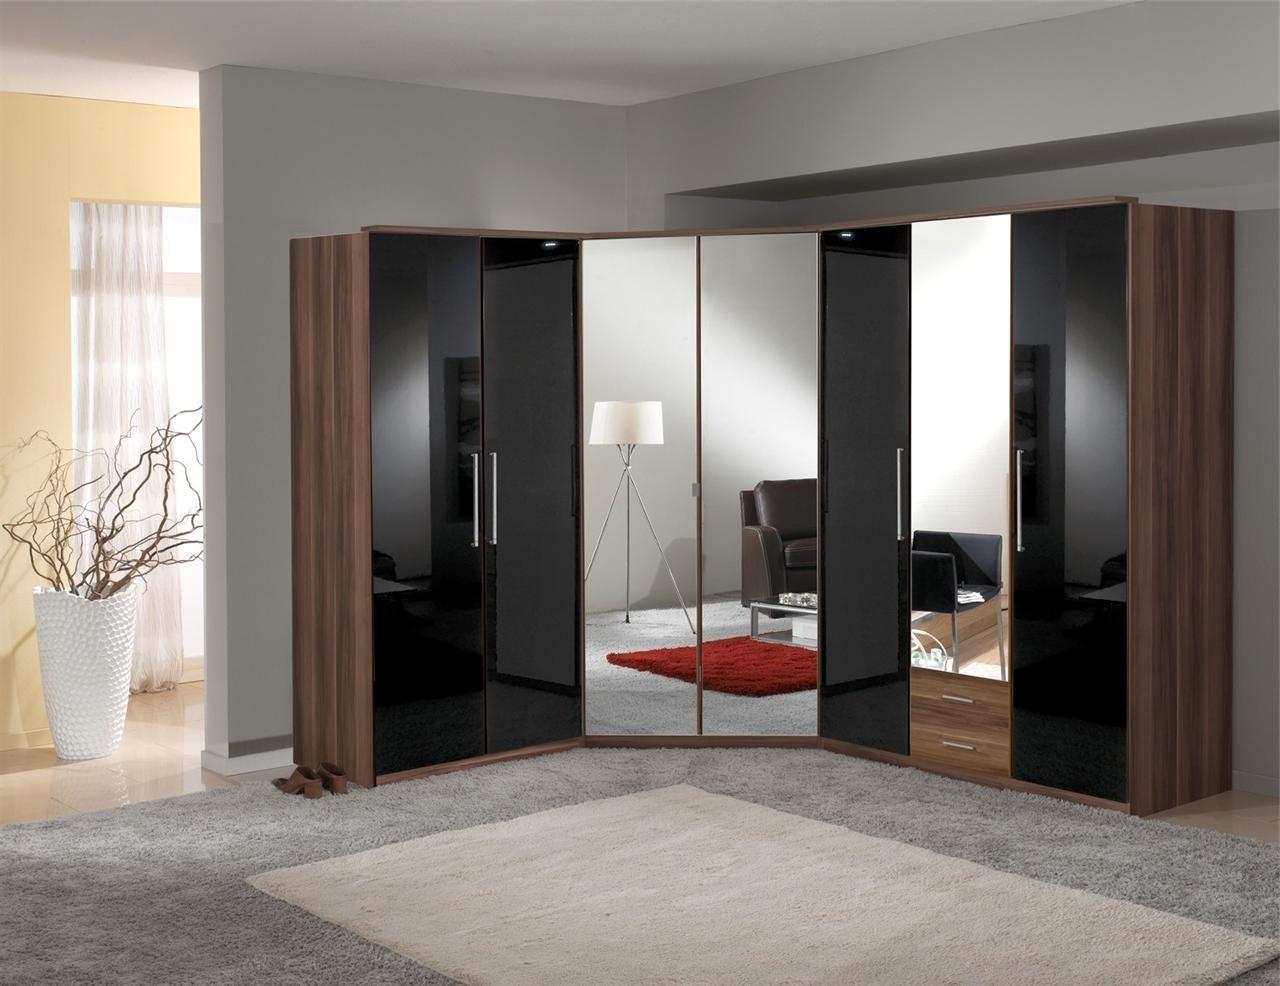 Latest Best Mirrored Corner Wardrobe Deals (View 9 of 15)